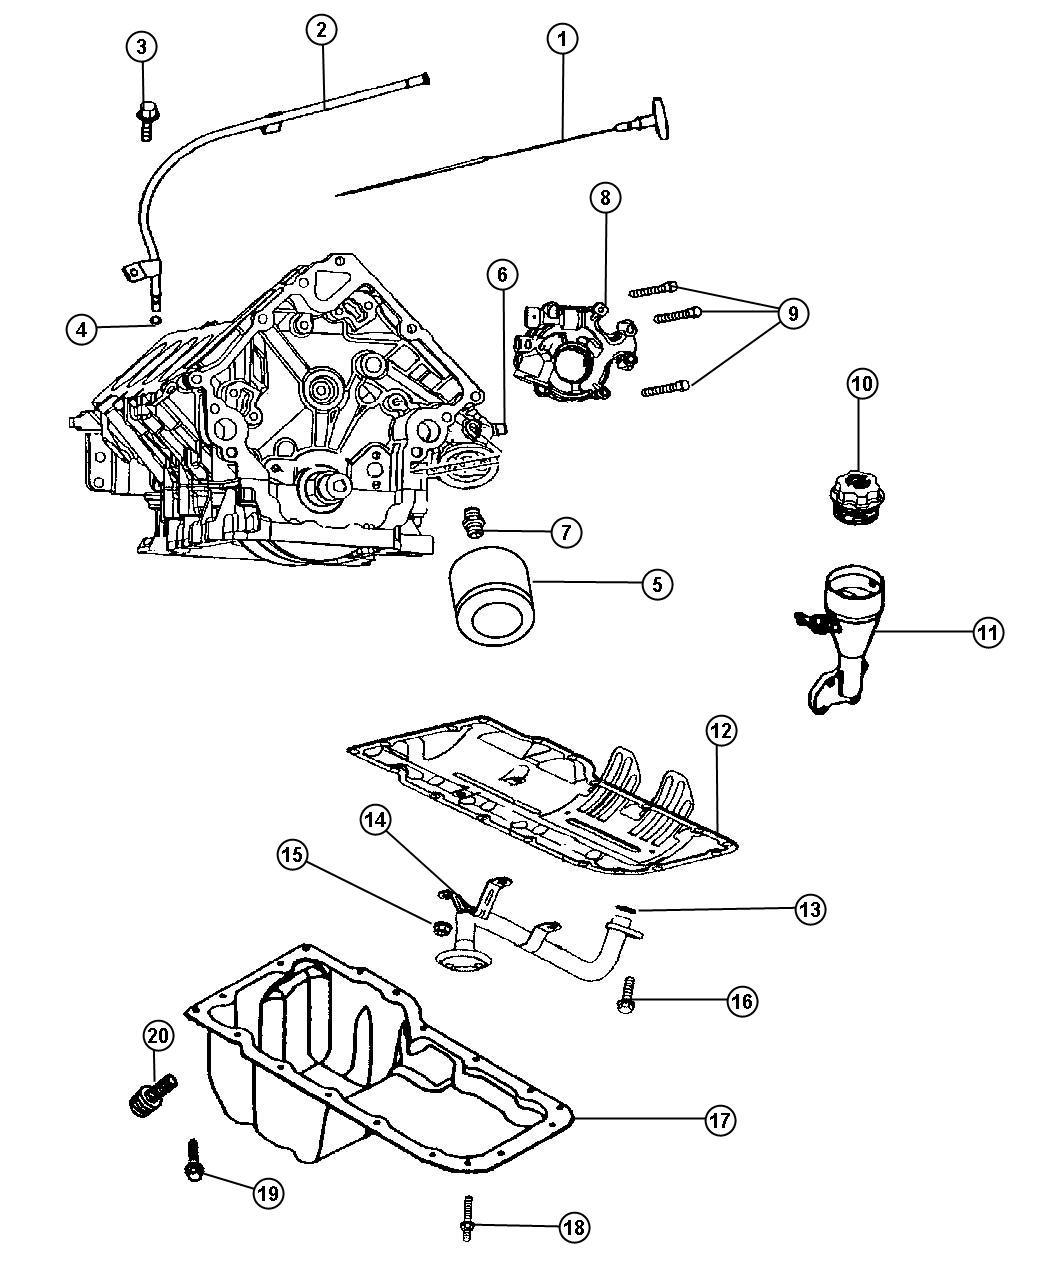 Chrysler Aspen Adapter Connector Oil Filter 3 4 16